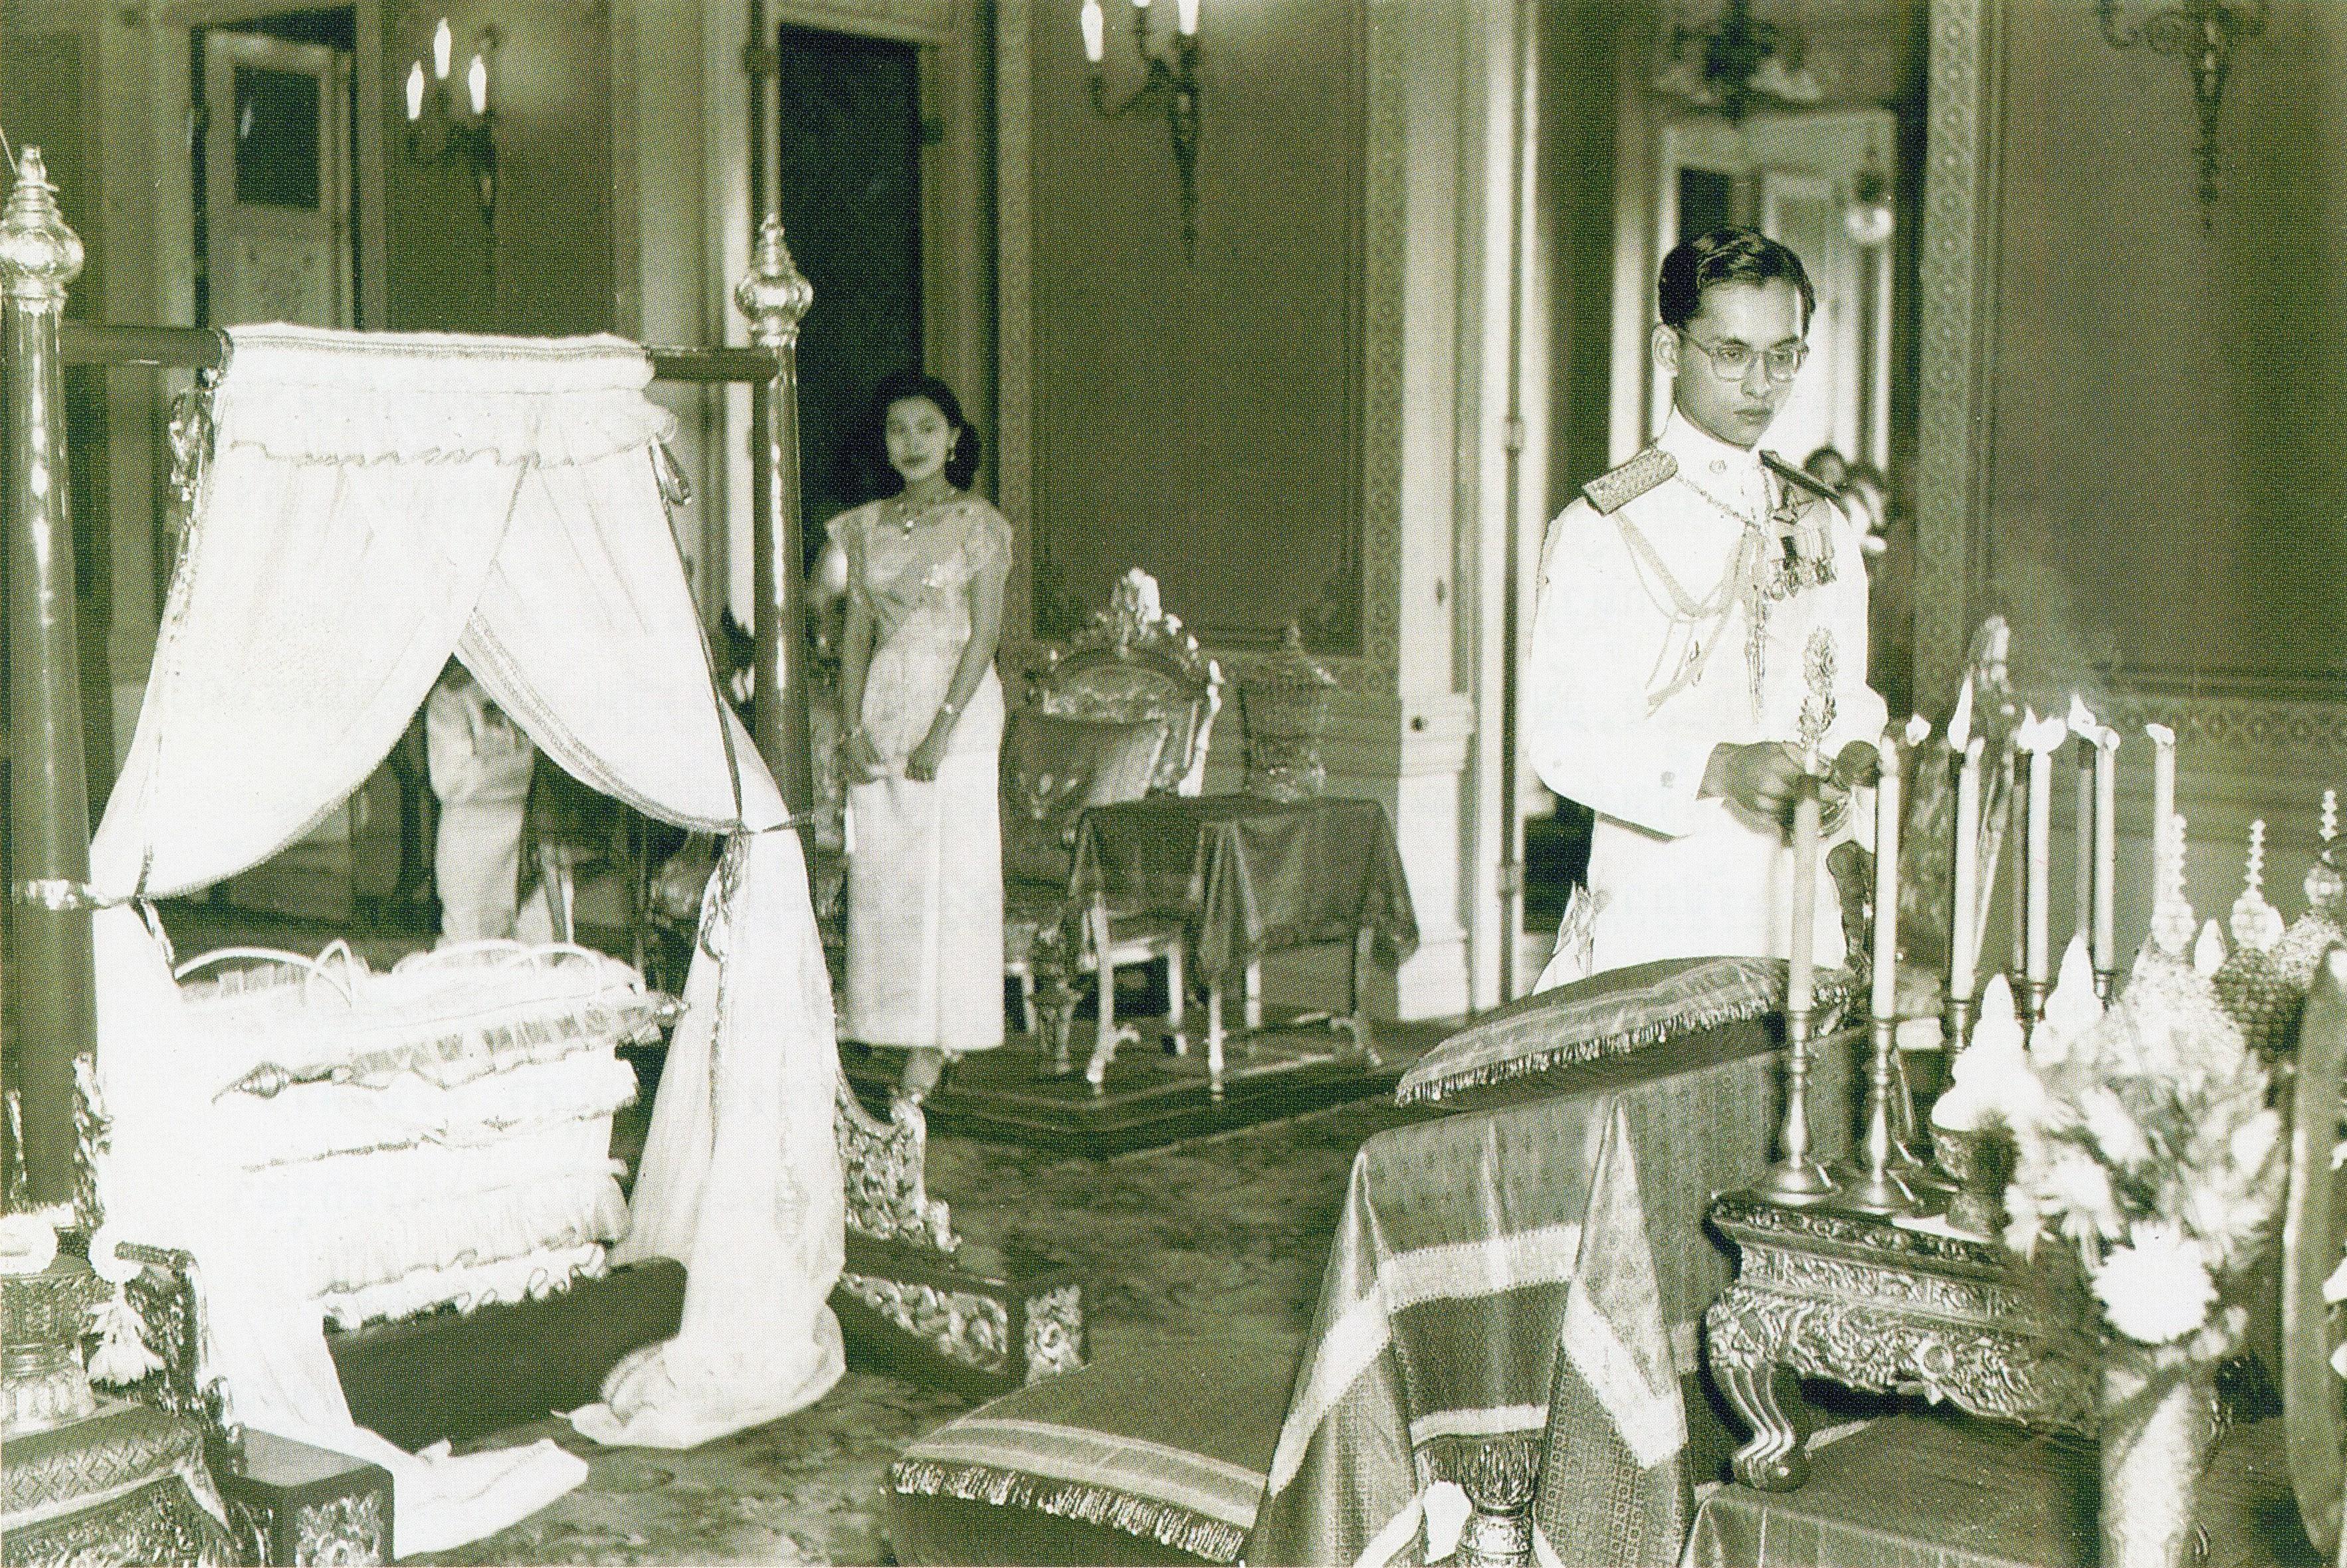 บทเพลงสรรเสริญพระเจ้าอยู่หัว พระมหากษัตริย์ไทย พระราชพิธีสมโภชเดือน ภาพประวัติศาสตร์ ภาพหาดูยาก ราชวงศ์ ในหลวงรัชกาลที่ 10 ในหลวงรัชกาลที่ 9